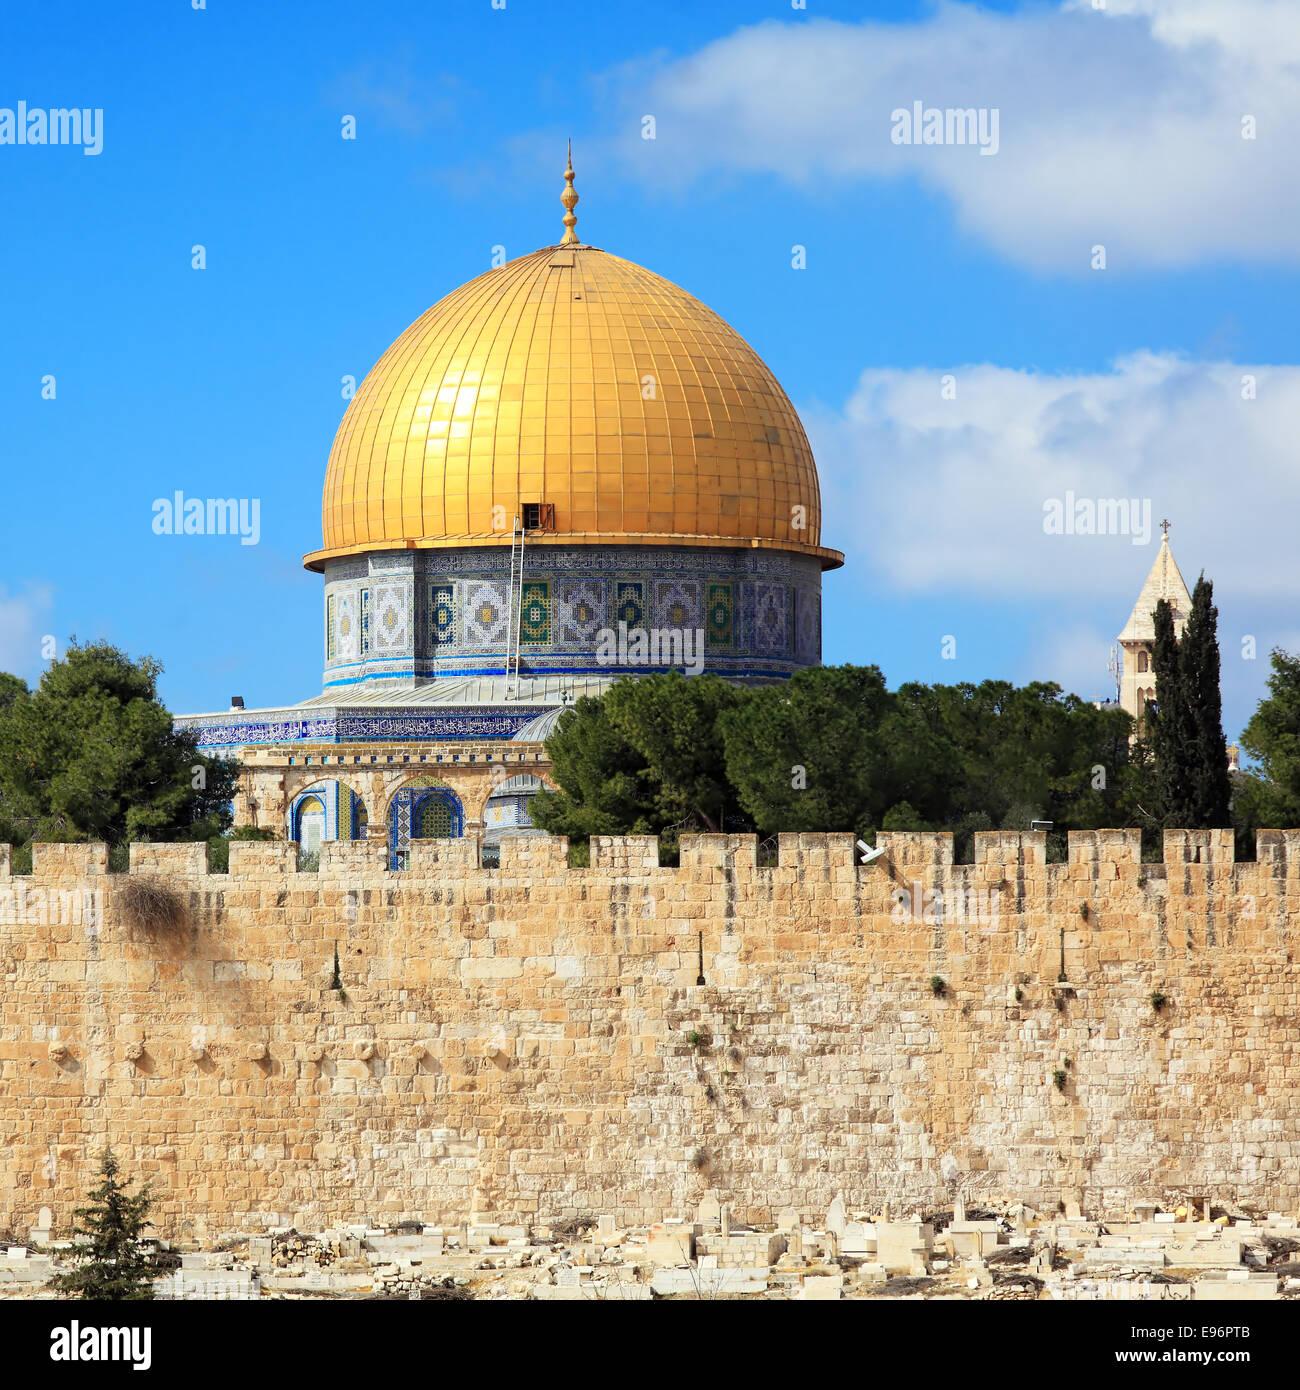 La Moschea di Al-Aqsa sul Monte del Tempio della Città Vecchia di Gerusalemme Immagini Stock